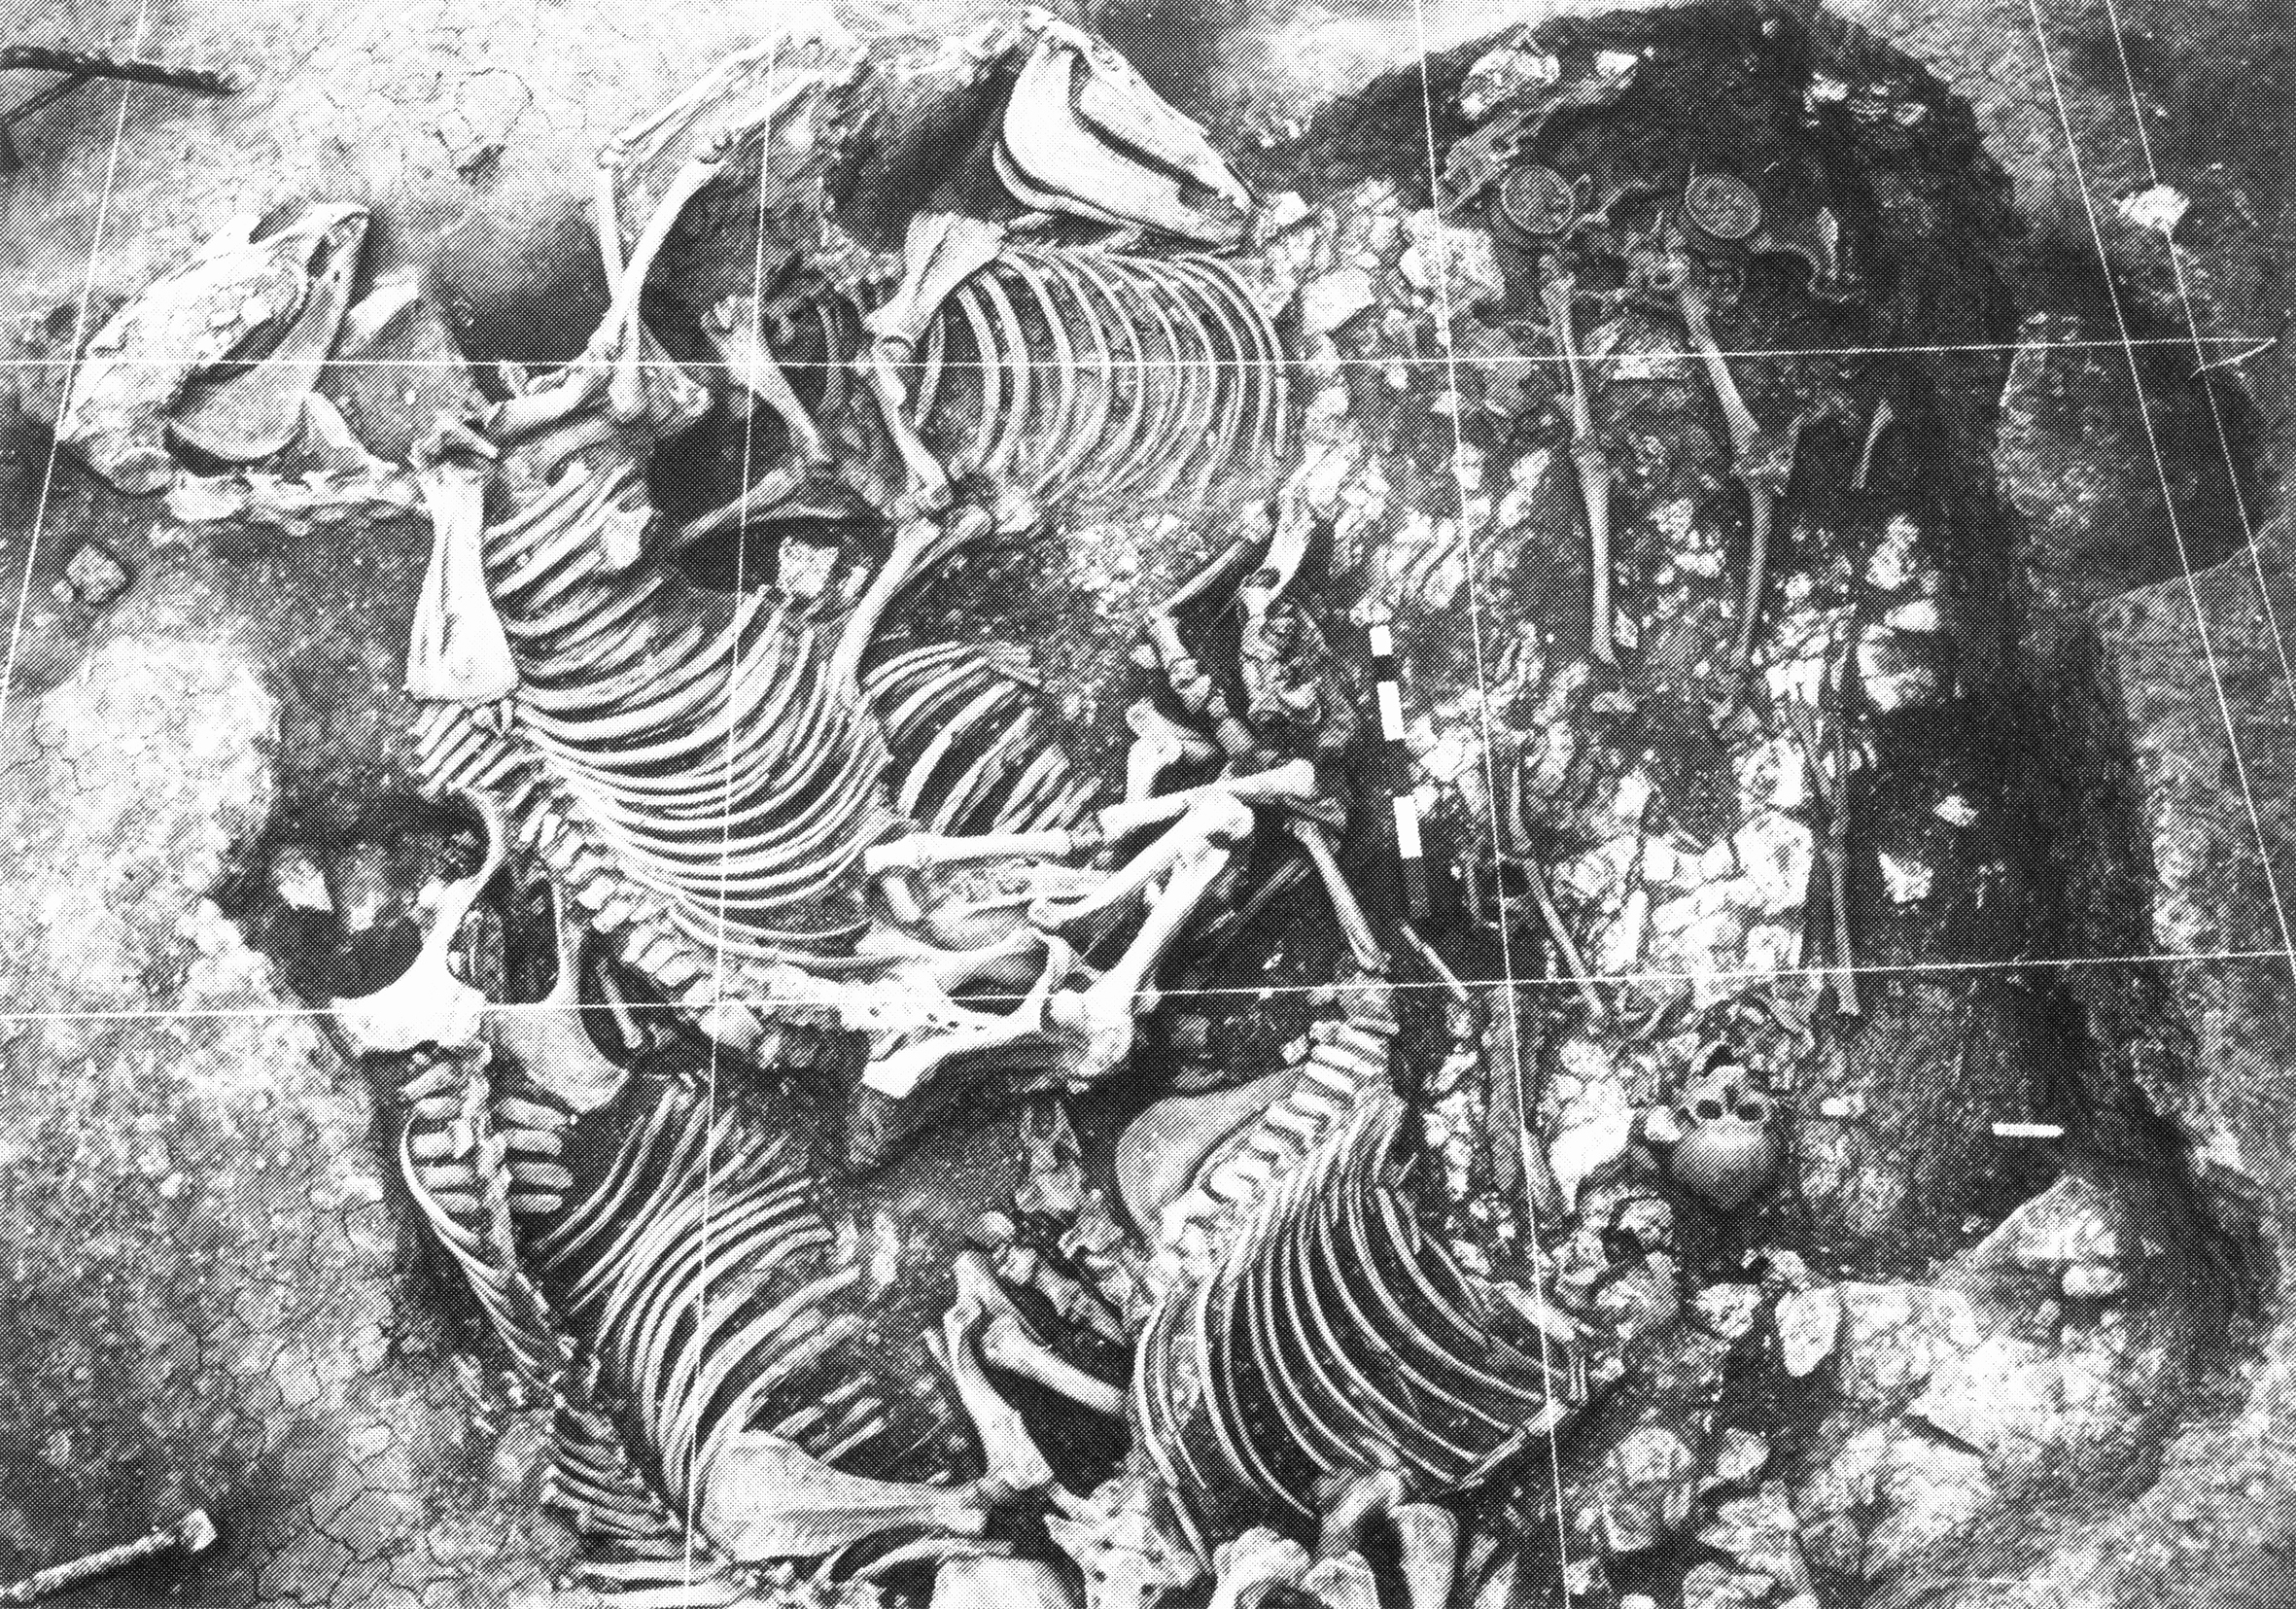 Abb. nach M.-J. Ghenne-Dubois, Les sépultures de chevaux. In: R. Brulet (Hrsg.), Les fouilles du quartier Saint-Brice à Tournai. L´environnement funéraire de la sépulture de Childéric 2. Collect. Arch. Joseph Mertens 7 (Louvain-La-Neuve 1991) 22-34.